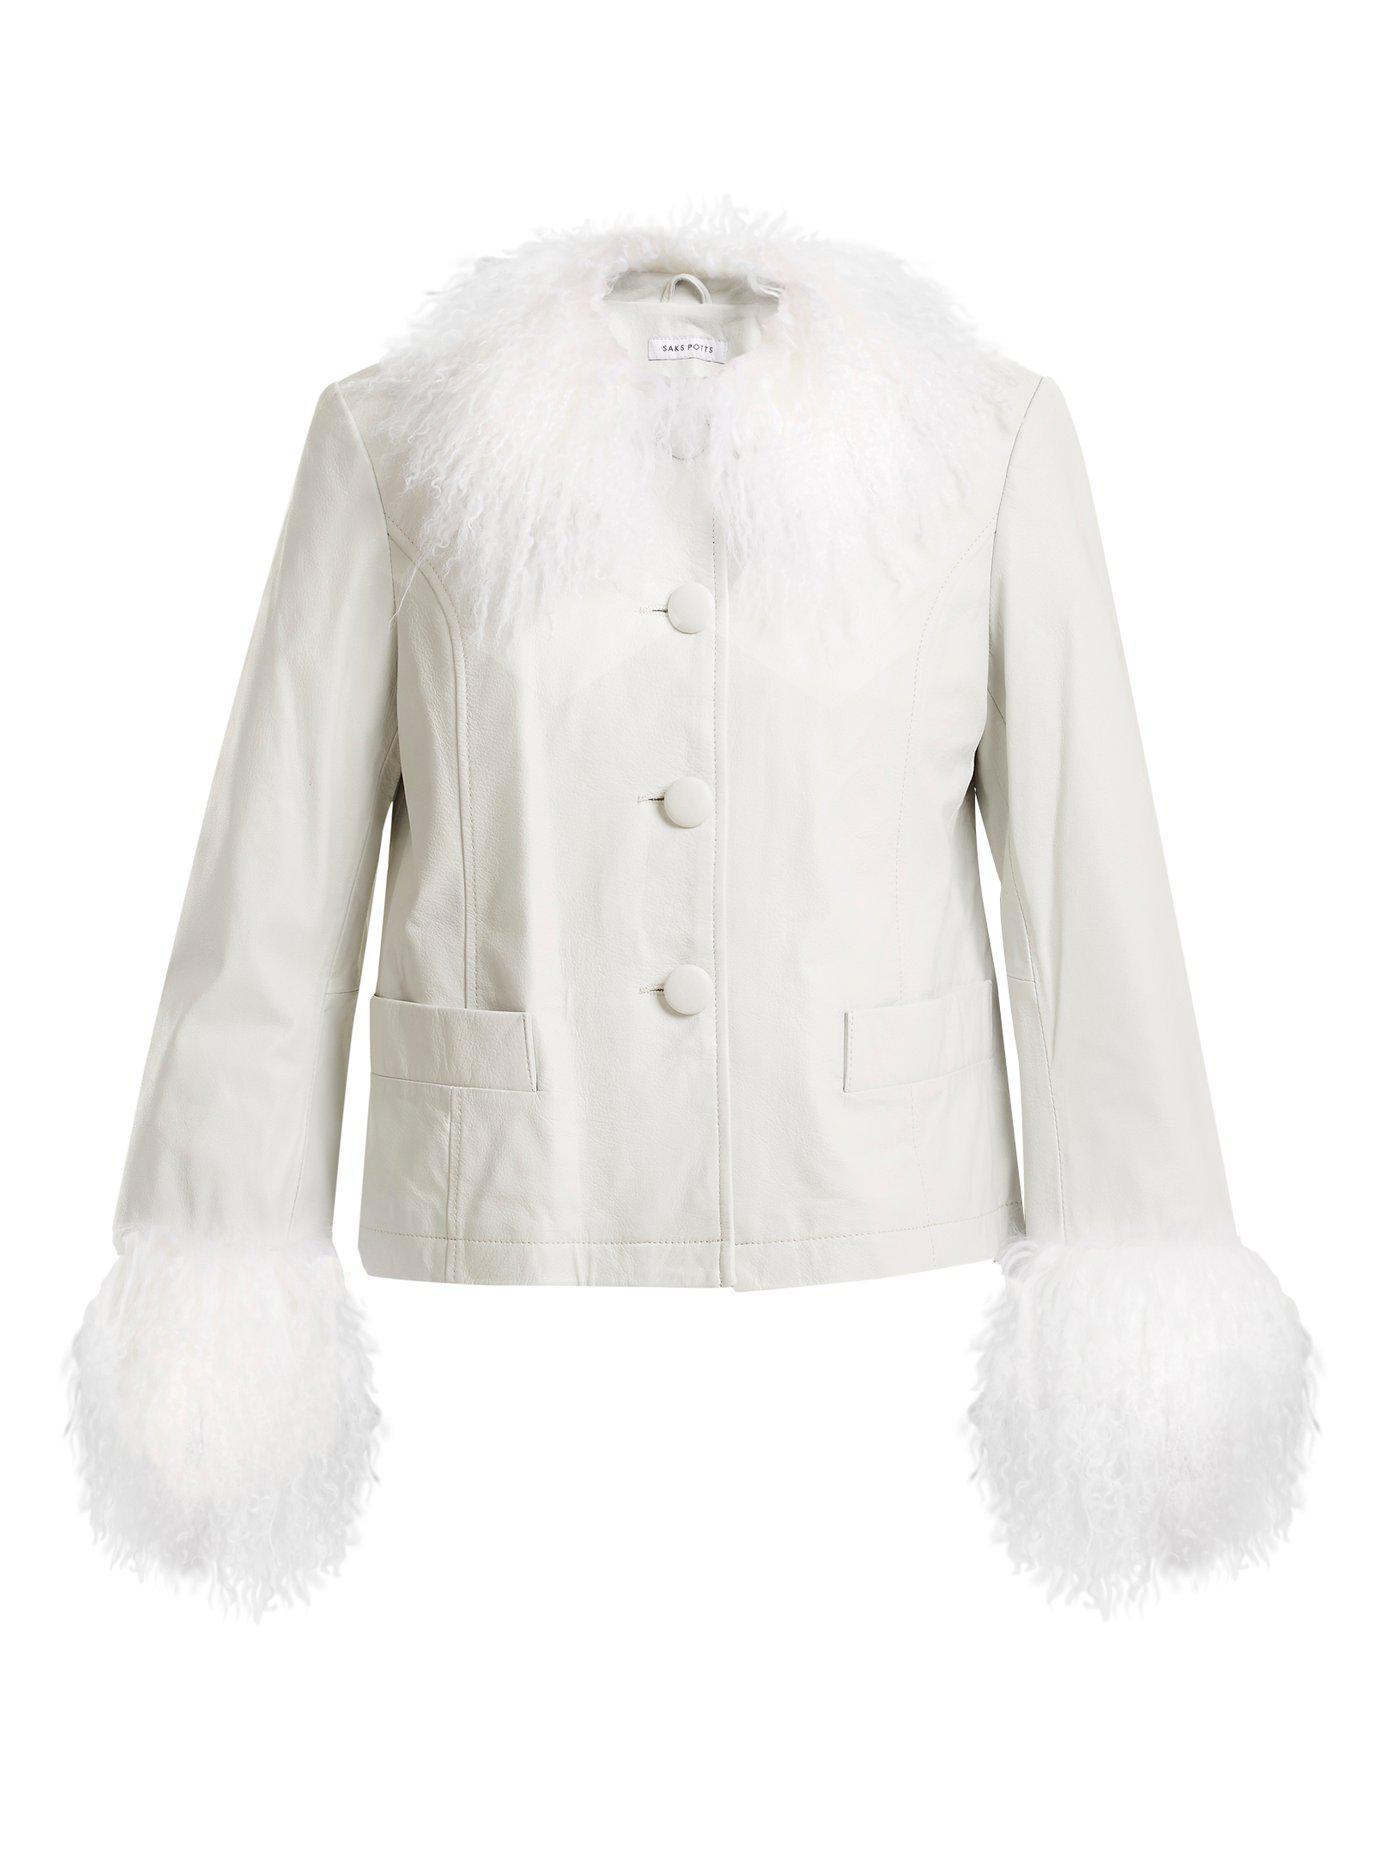 Veste en cuir à bords en fourrure DortheSaks Potts Vente Pas Cher Avec Paypal Qualité Supérieure À Vendre 7HgW82